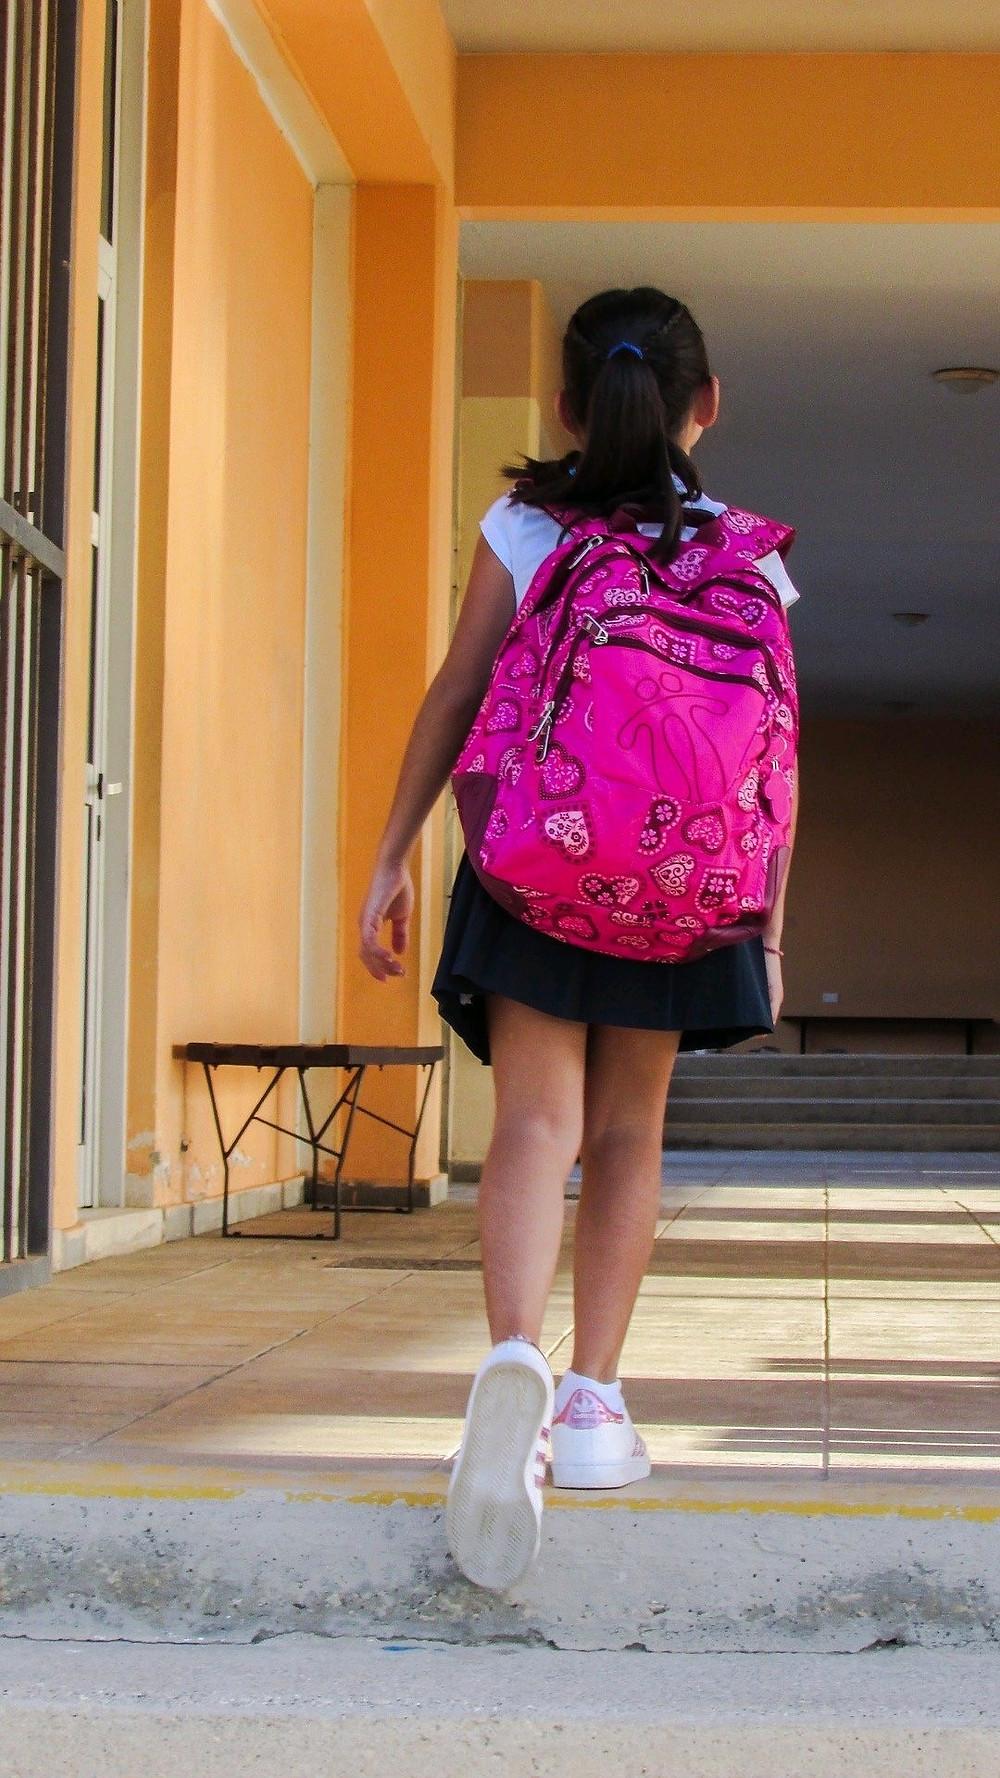 παιδί σχολείο άρνηση covid-19